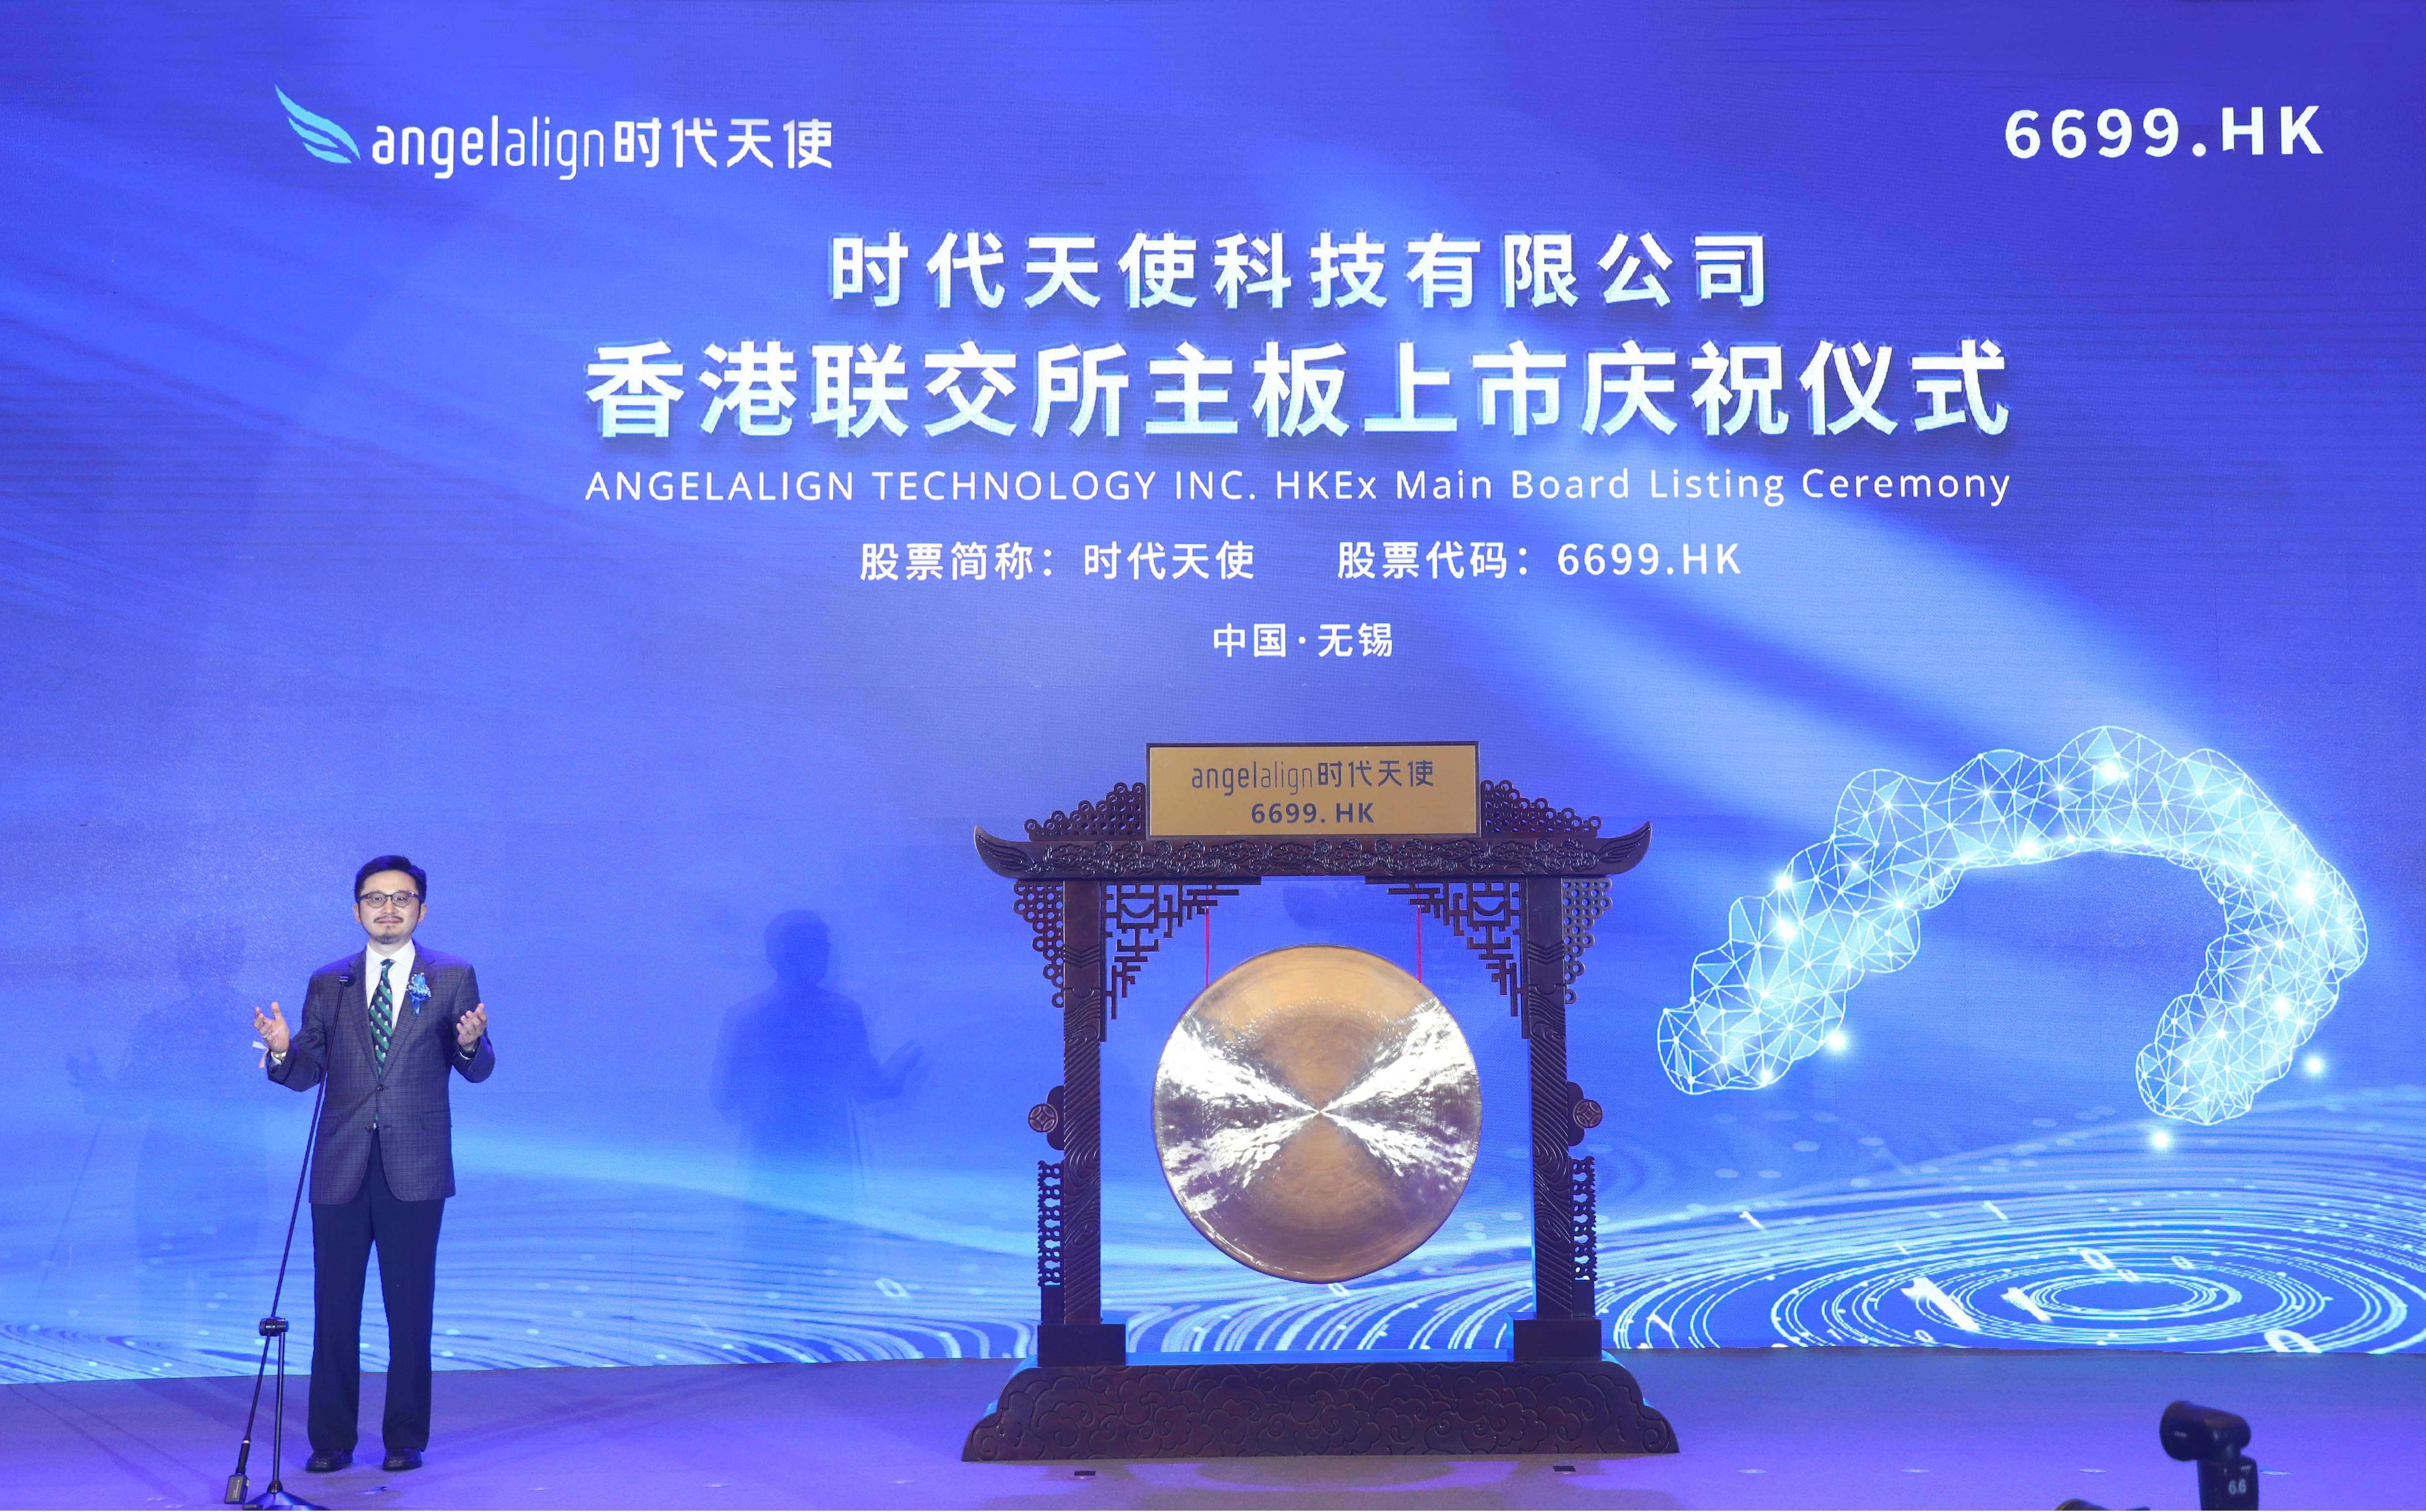 """松柏投资控股企业时代天使成功上市,成为中国""""隐形正畸第一股"""""""